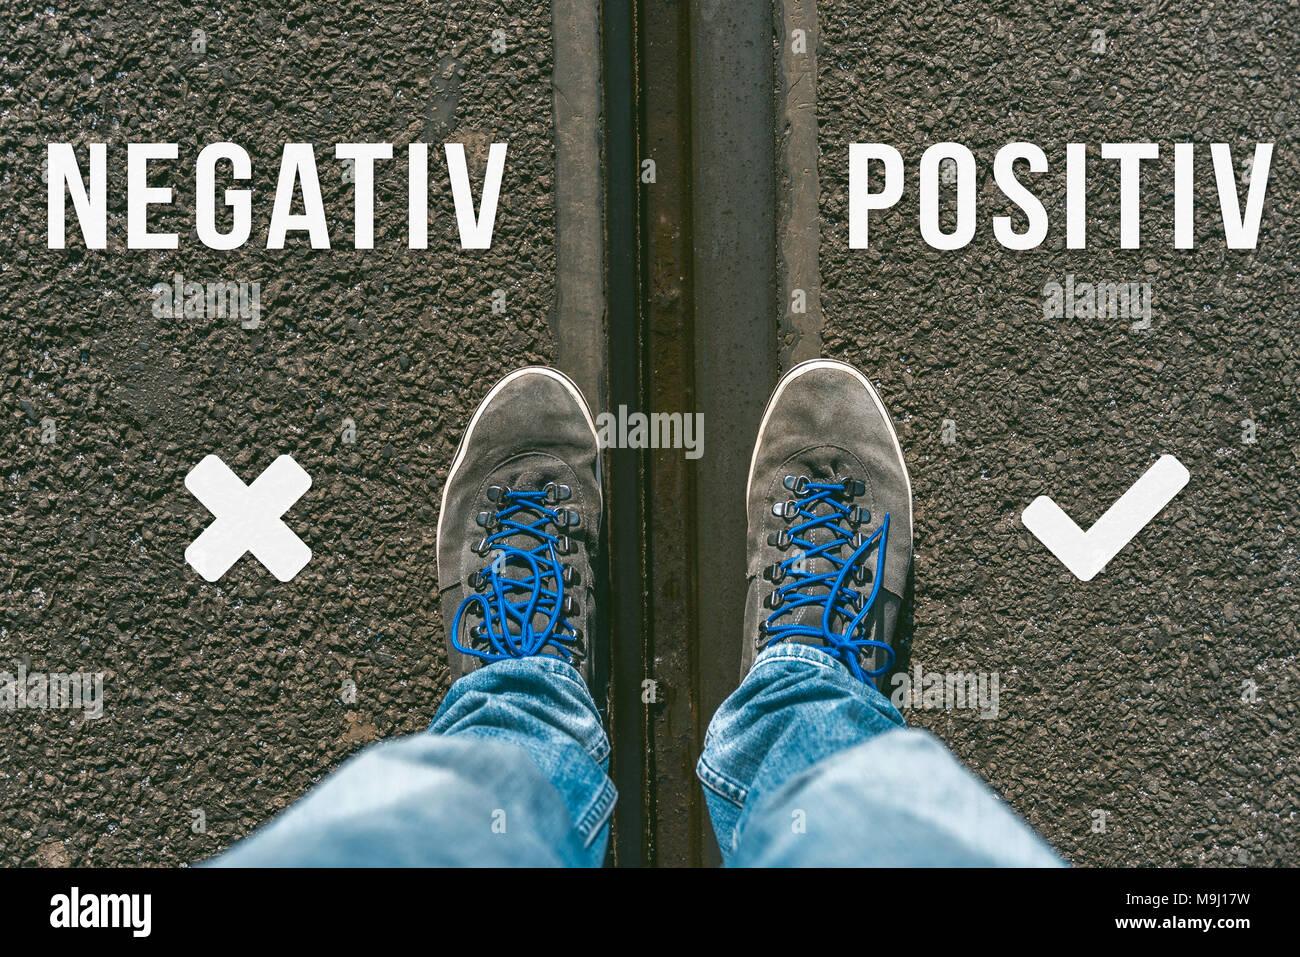 Llegando a una encrucijada de tener que decidir entre negativ y positiv en alemán significado negativo y positivo, simbolizados por dos pies y zapatos o permanente Imagen De Stock